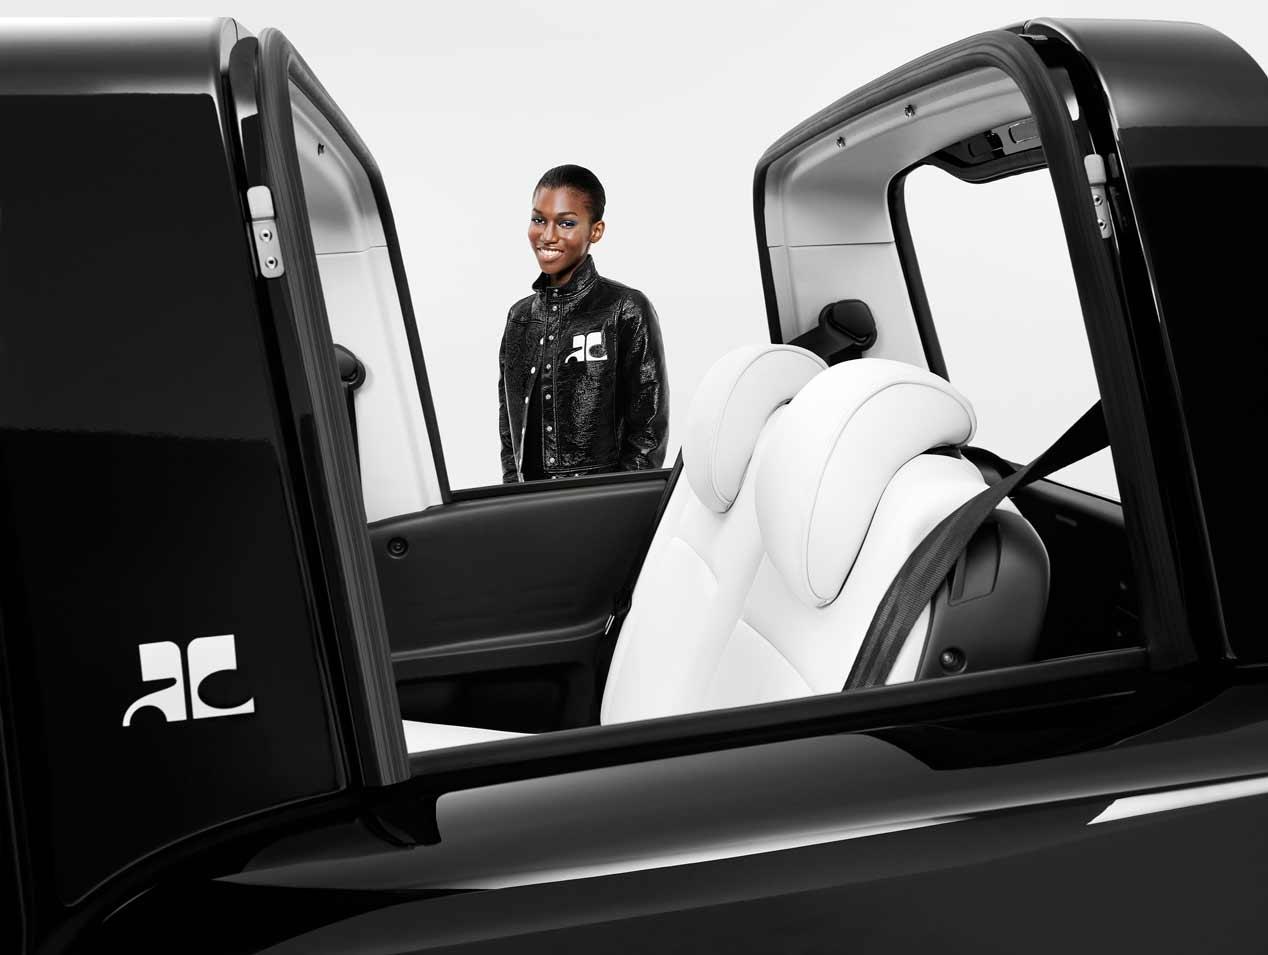 """Citroën e-Mehari """"Styled by Courrèges"""", las mejores imágenes"""